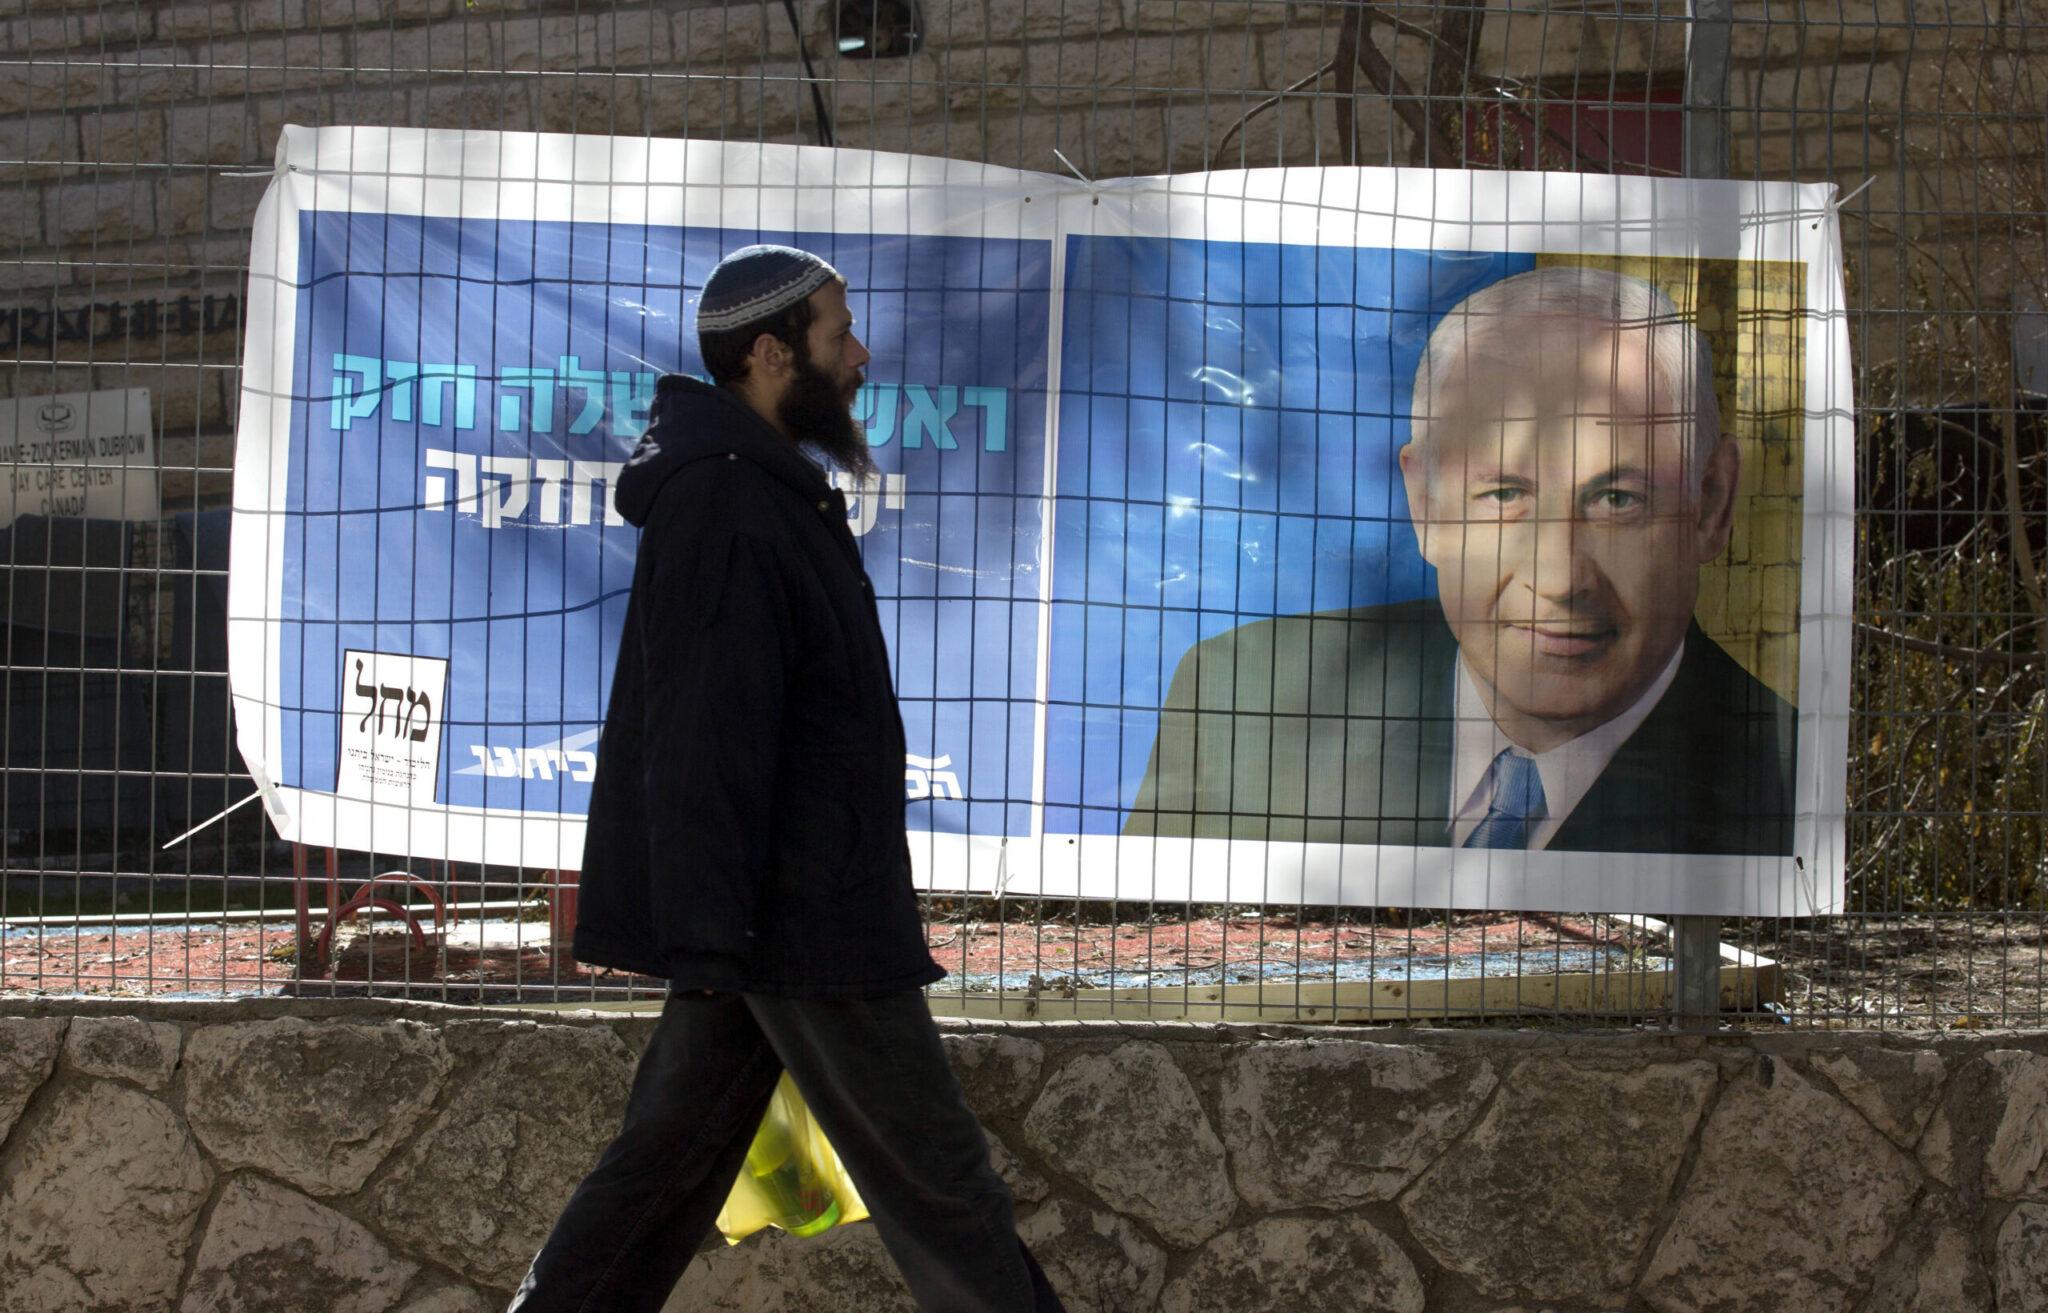 2013 Israeli elections